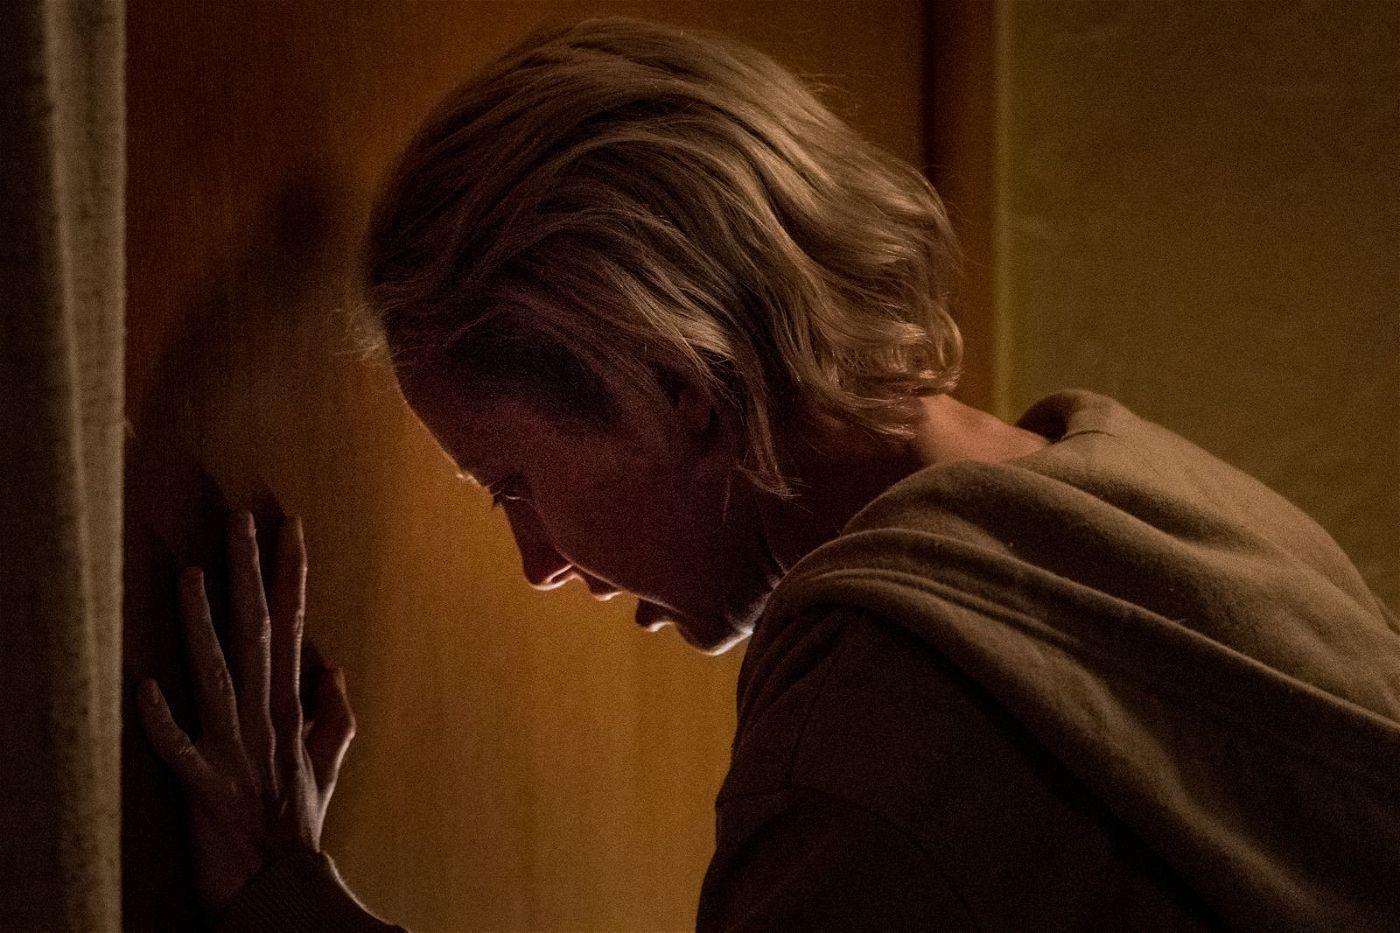 Detective Muldoon (Andrea Riseborough) kämpft nach dem Tod ihres Mannes um einen Neustart und verzweifelt langsam an ihren Ermittlungen.